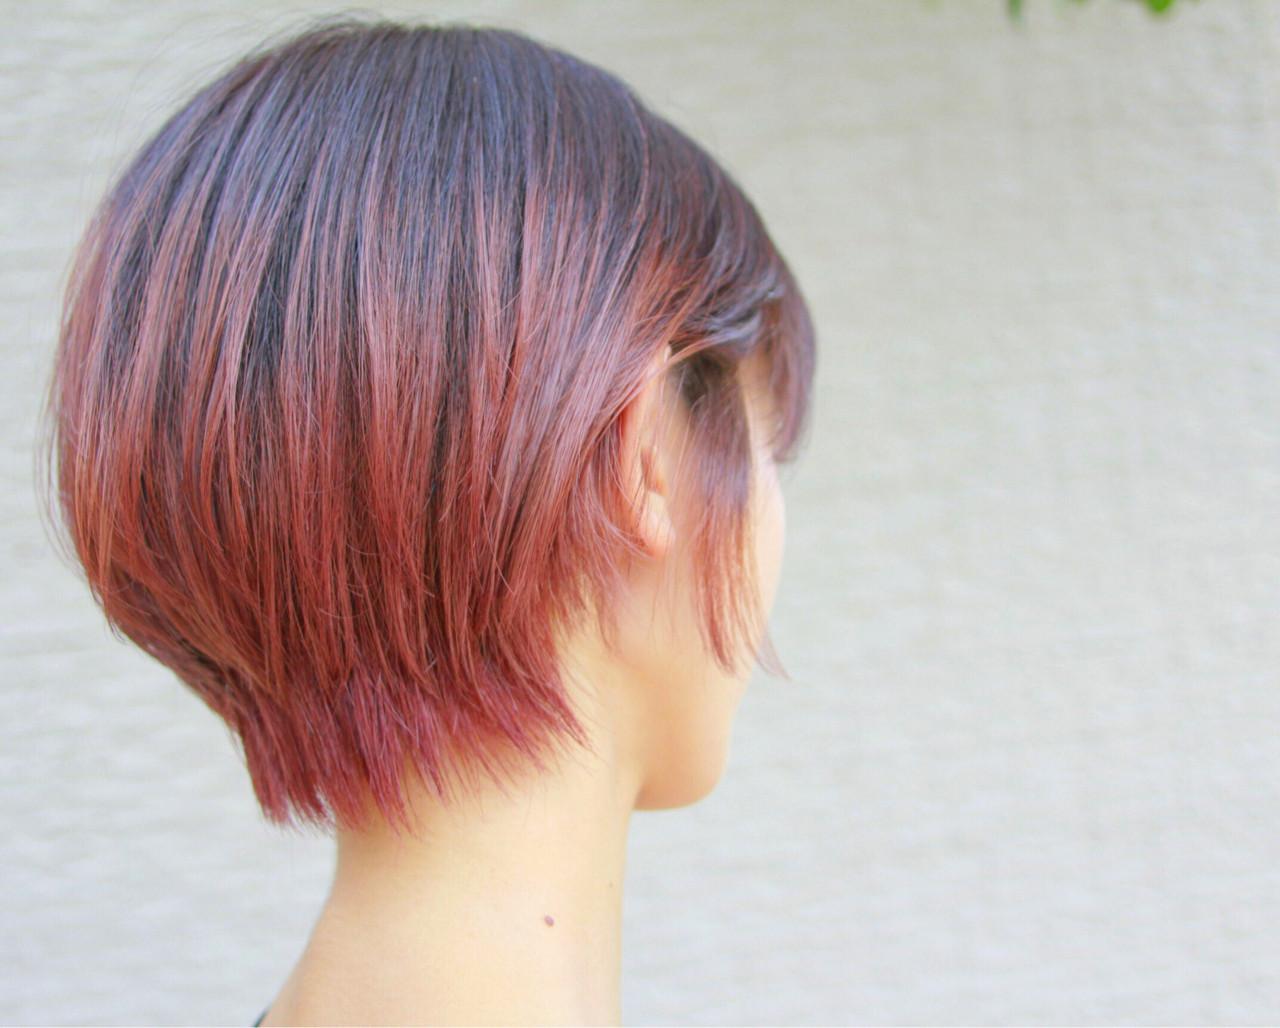 レッドとピンクの組み合わせで個性的に 山田大貴 / throbthrob by reve